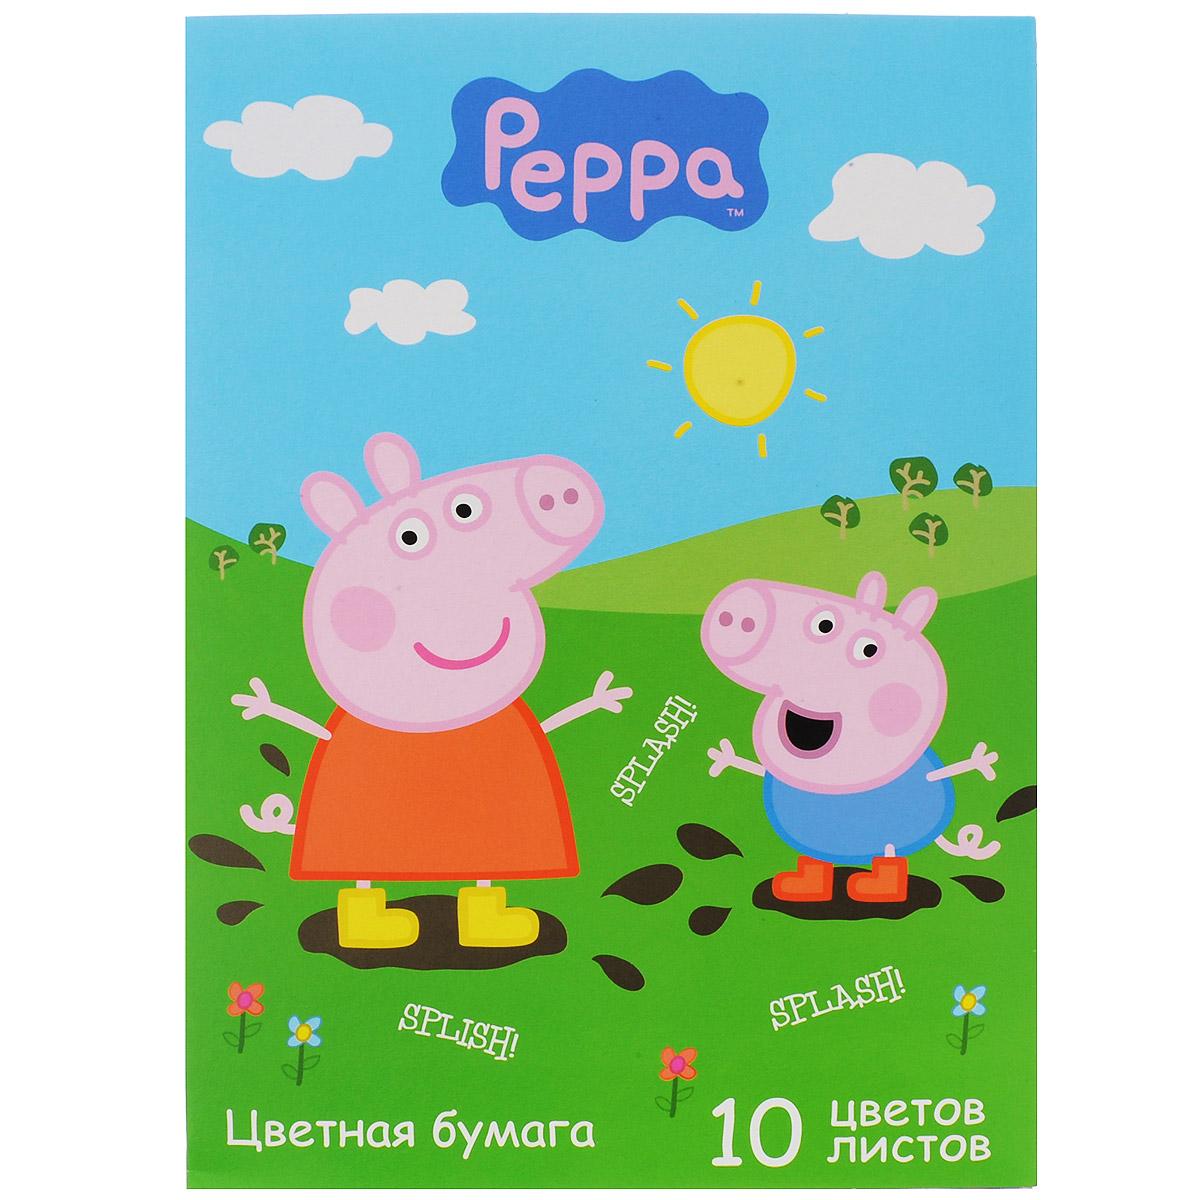 Цветная бумага Свинка Пеппа, 10 цветов25499Цветная бумага Свинка Пеппа  формата А4 идеально подходит для детского творчества: создания аппликаций, оригами и многого другого. В упаковке 10 цветов (10 листов) мелованной бумаги с двусторонней печатью: желтый, оранжевый, красный, синий, зеленый, фиолетовый, коричневый, черный, золотой, серебристый. Бумага упакована в папку с двумя клапанами, выполненную из мелованного картона с глянцевым лаком. Детские аппликации из тонкой цветной бумаги - отличное занятие для развития творческих способностей и познавательной деятельности малыша, а также хороший способ самовыражения ребенка. Рекомендуемый возраст: от 3 лет.